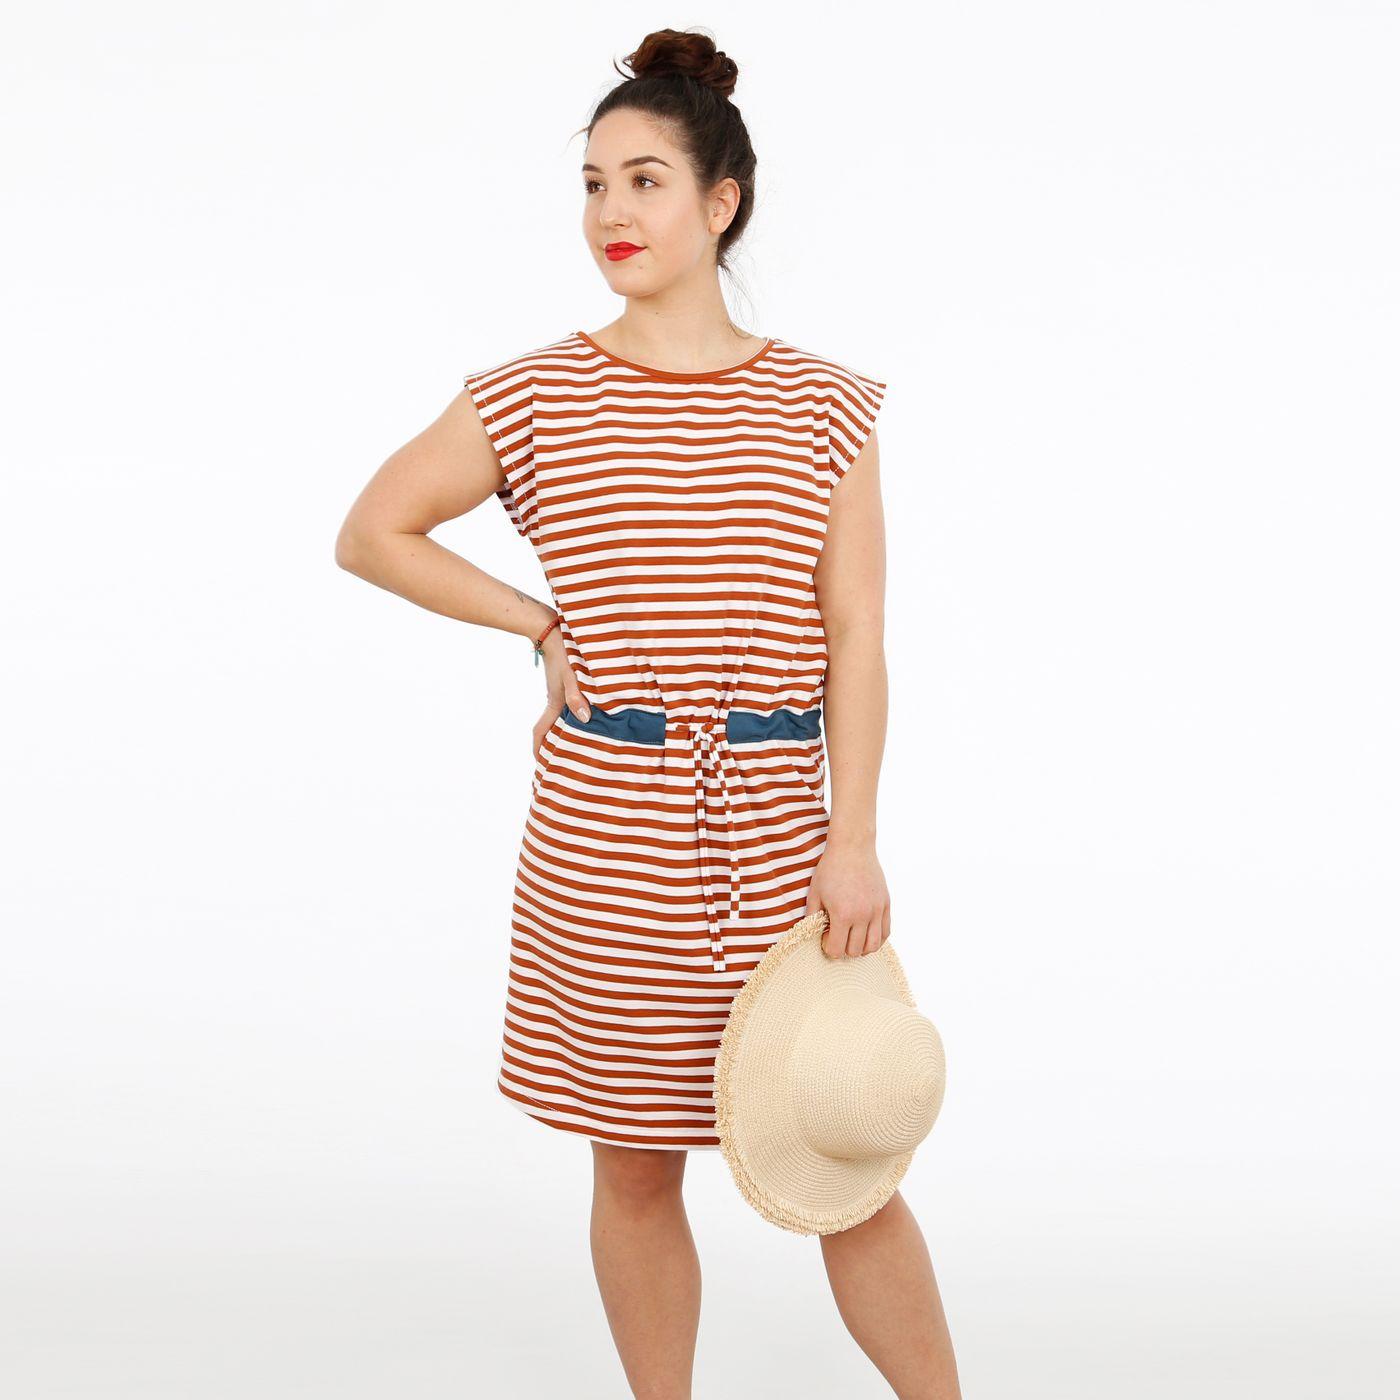 Produktfoto 5 von STUDIO SCHNITTREIF für Schnittmuster FRAU JULIE & JULIE Jerseykleider im Partnerlook